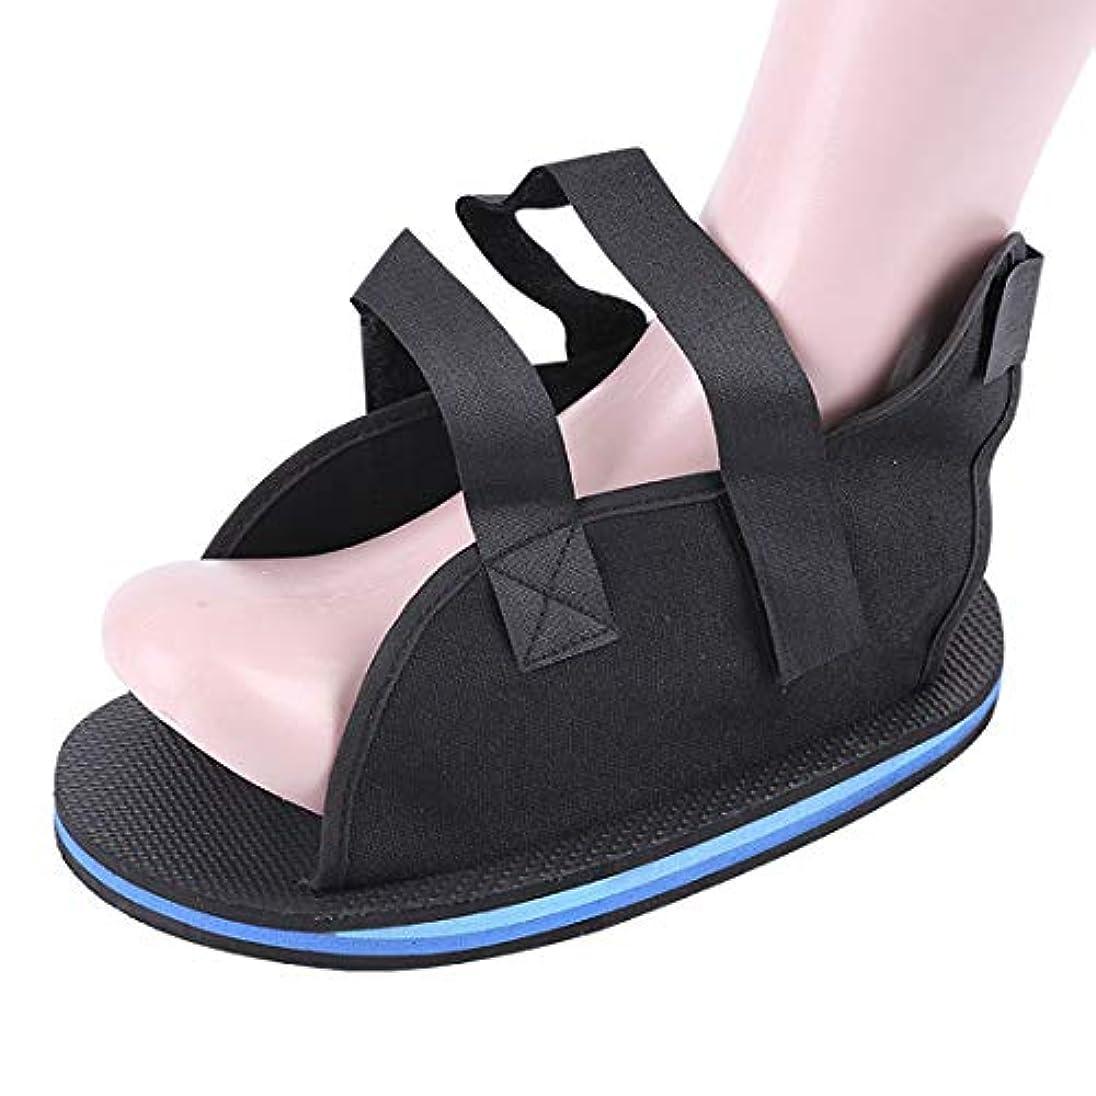 医療足骨折石膏の回復靴の手術後のつま先の靴を安定化骨折の靴を調整可能なファスナーで完全なカバー,XS20cm